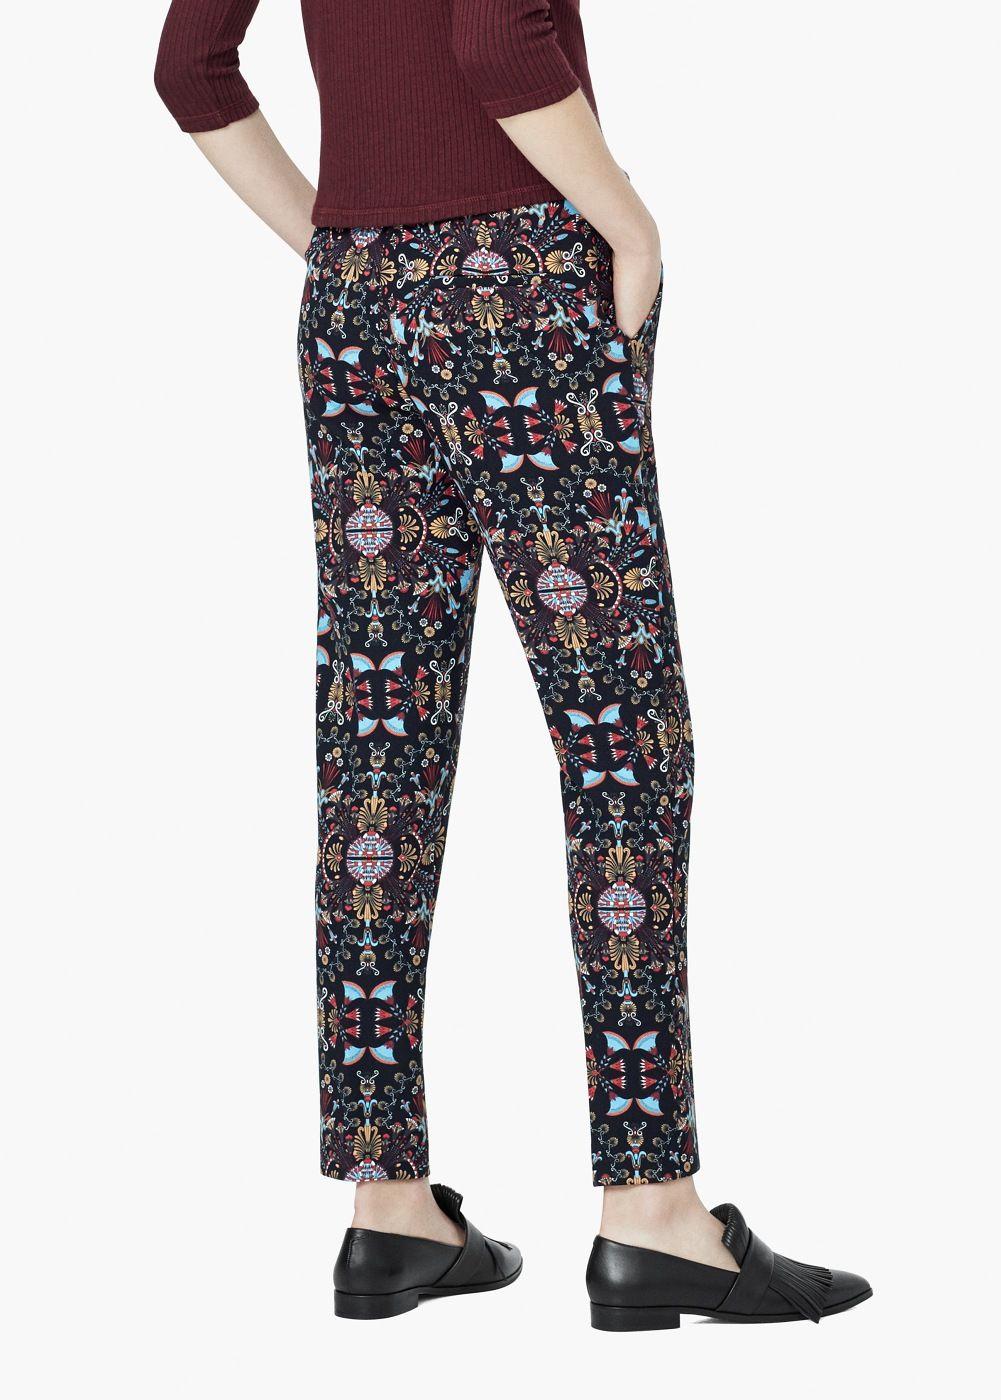 Pantaloni stampa combinata